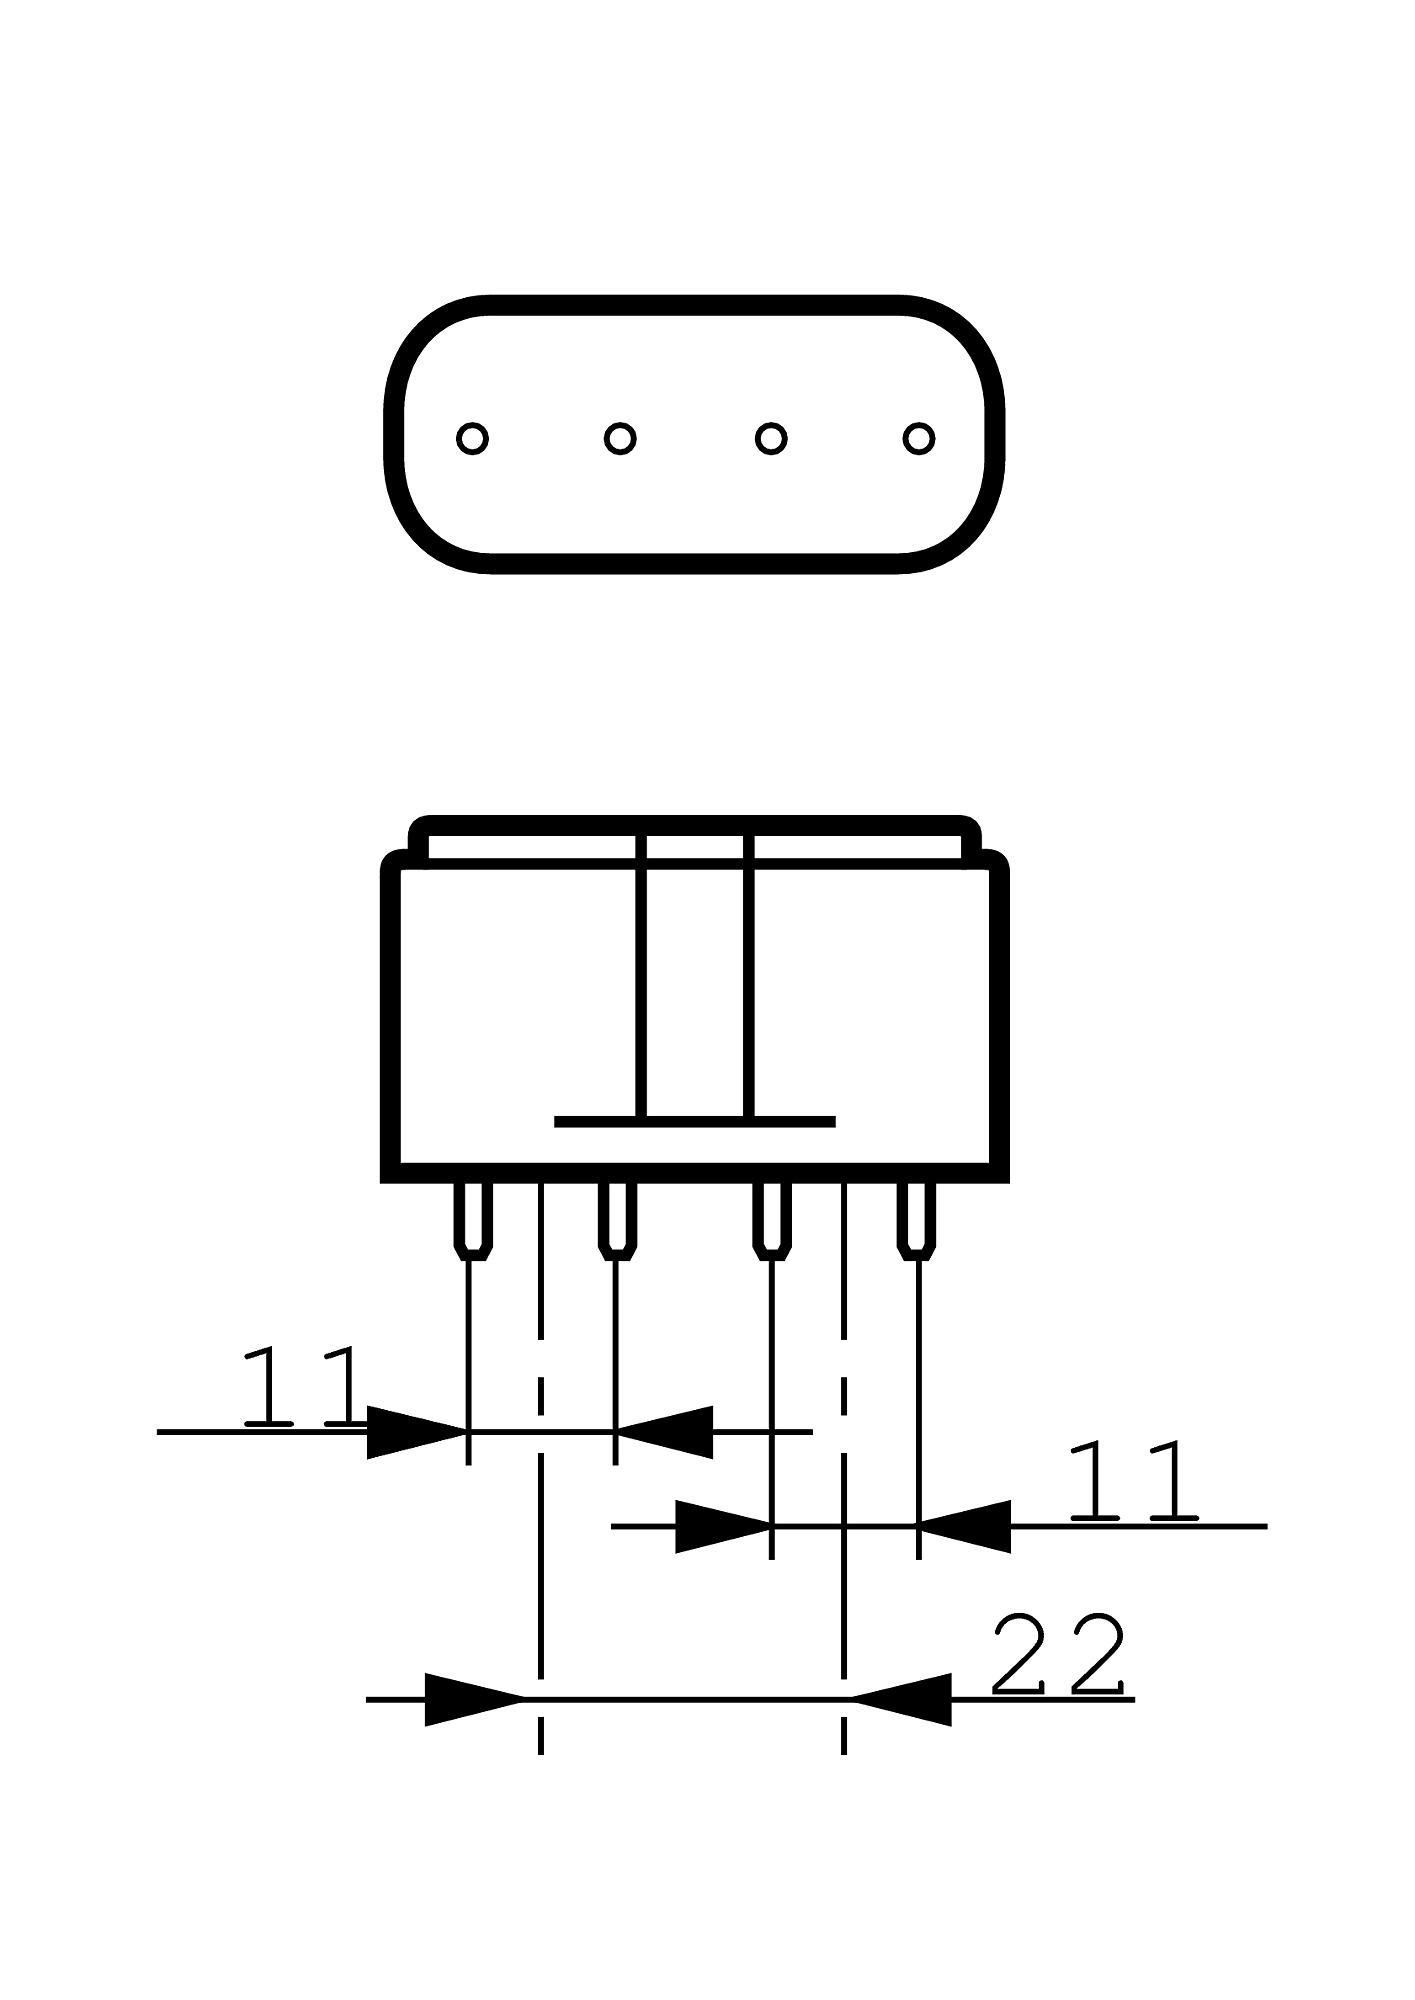 инструкция лампа бактерицидная фирмы филипс 55w